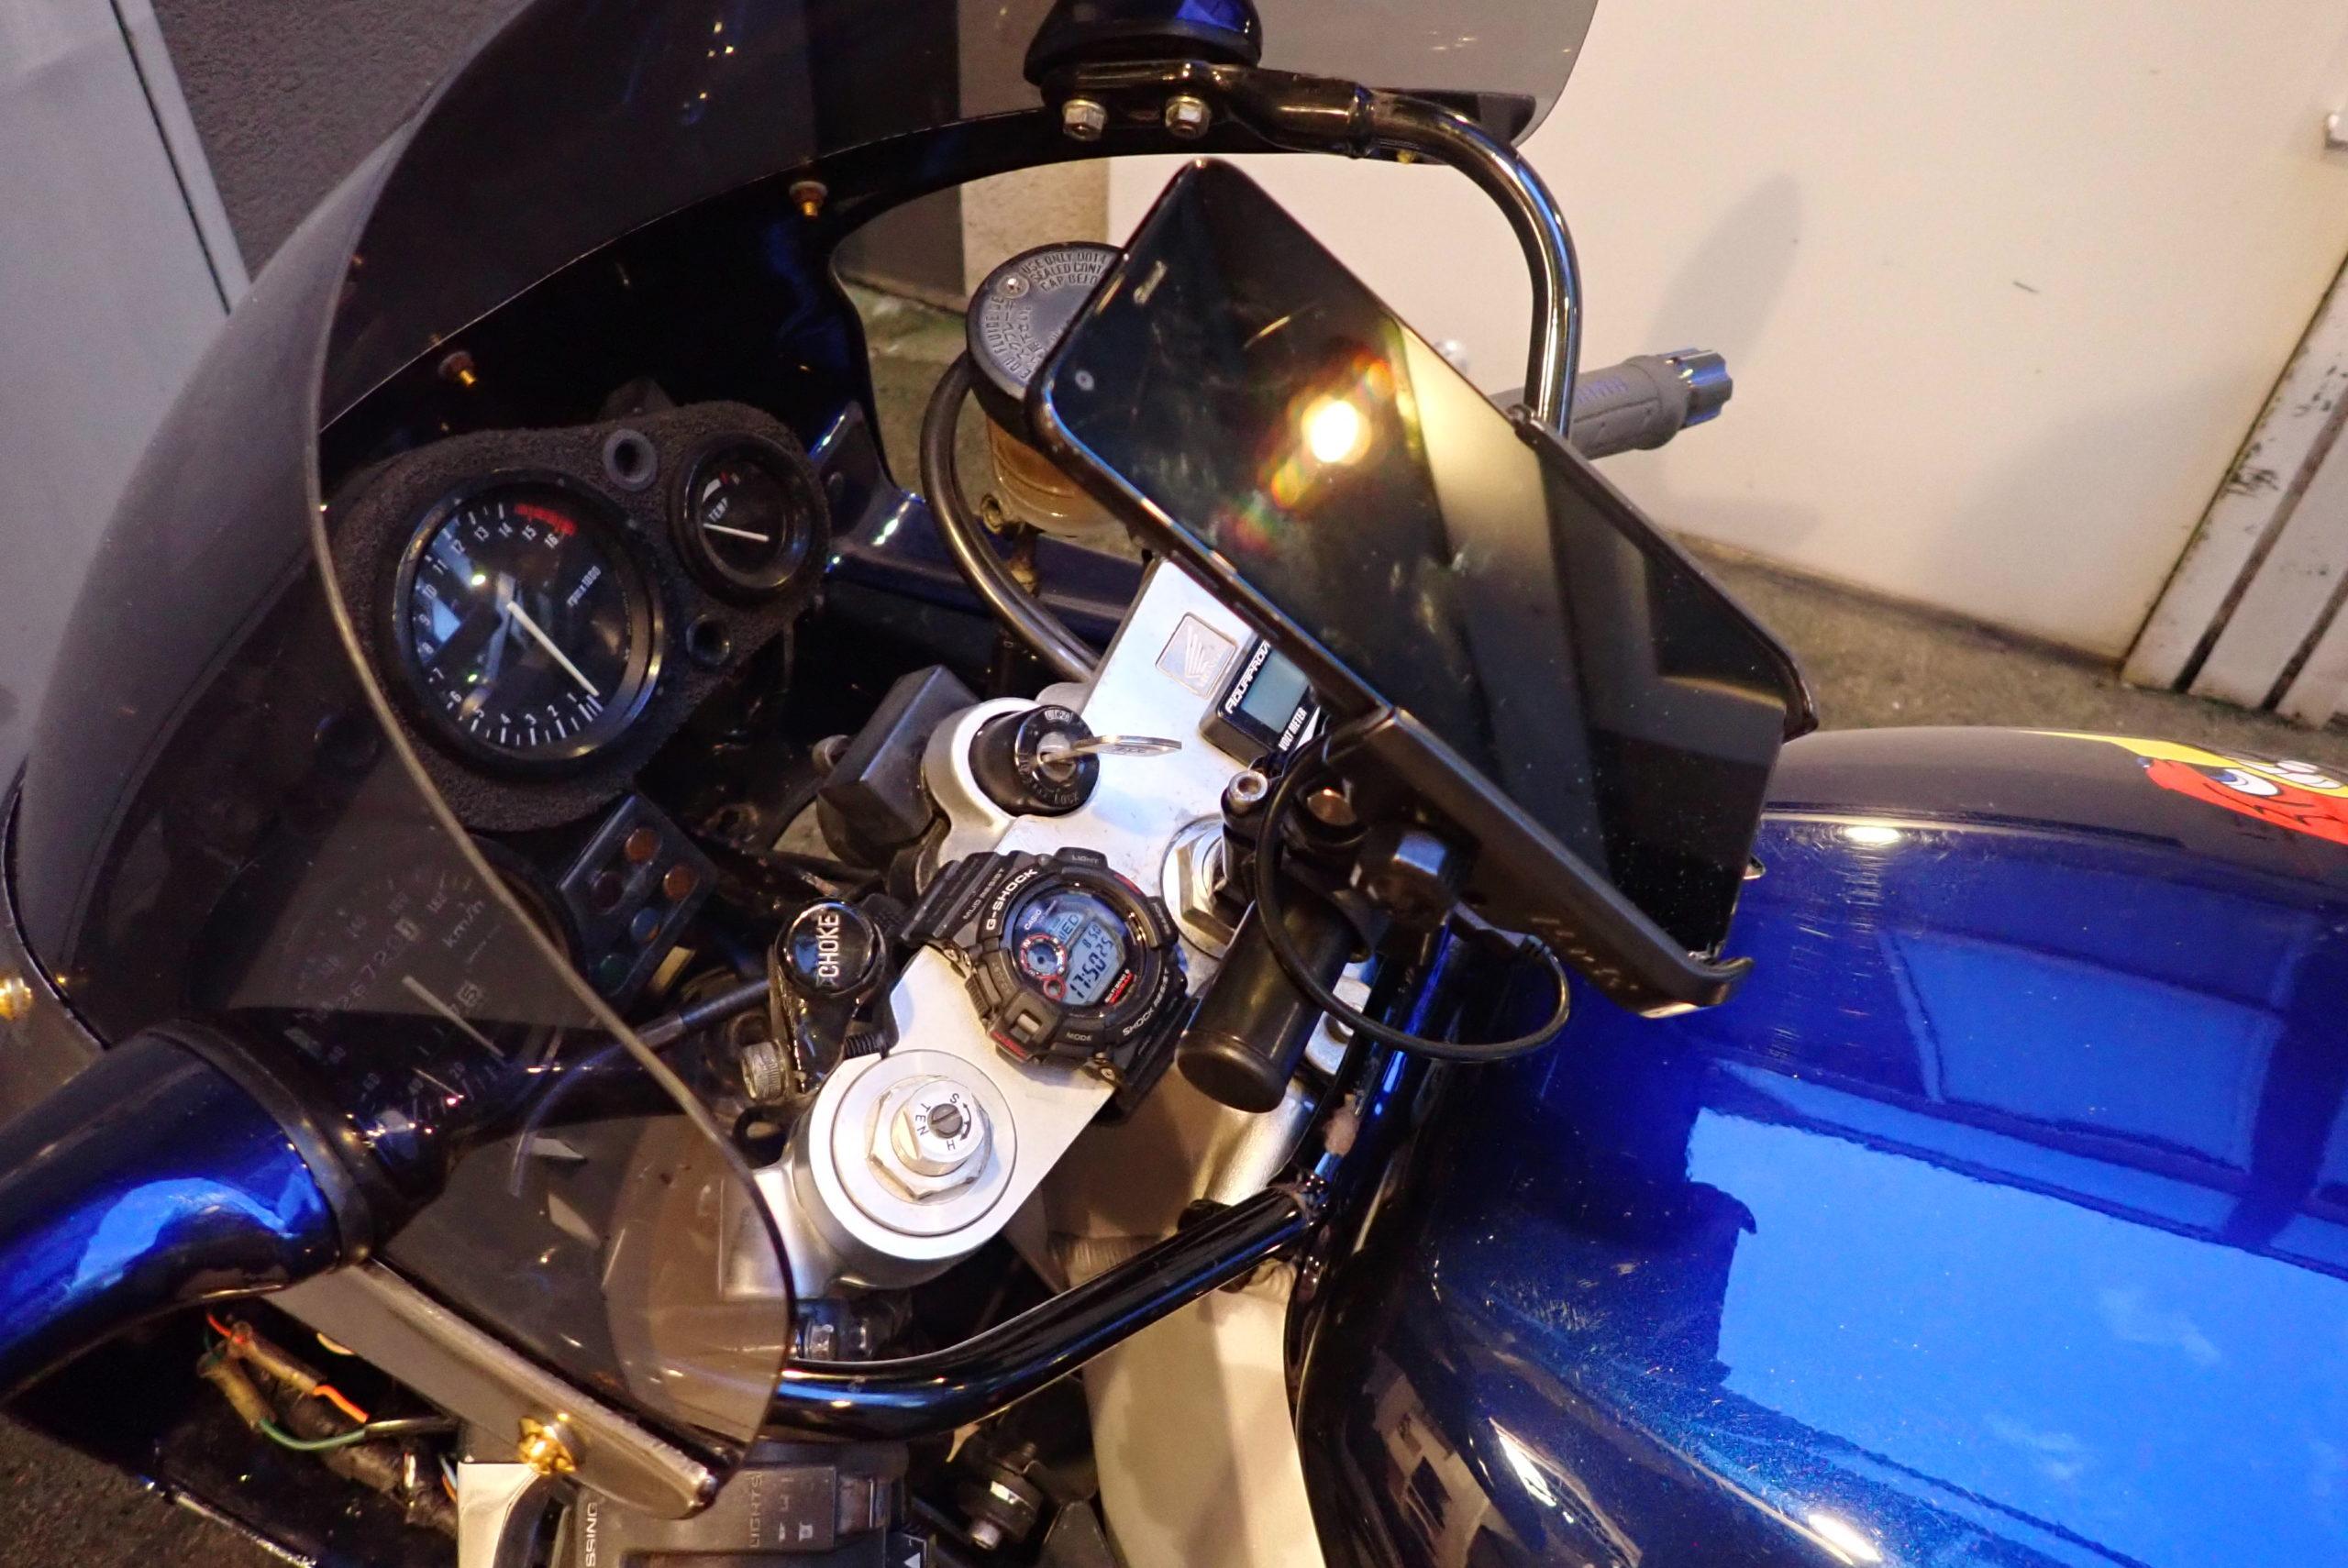 【バイクの話】CBR400RR DAYTONA マルチバーホルダーの加工